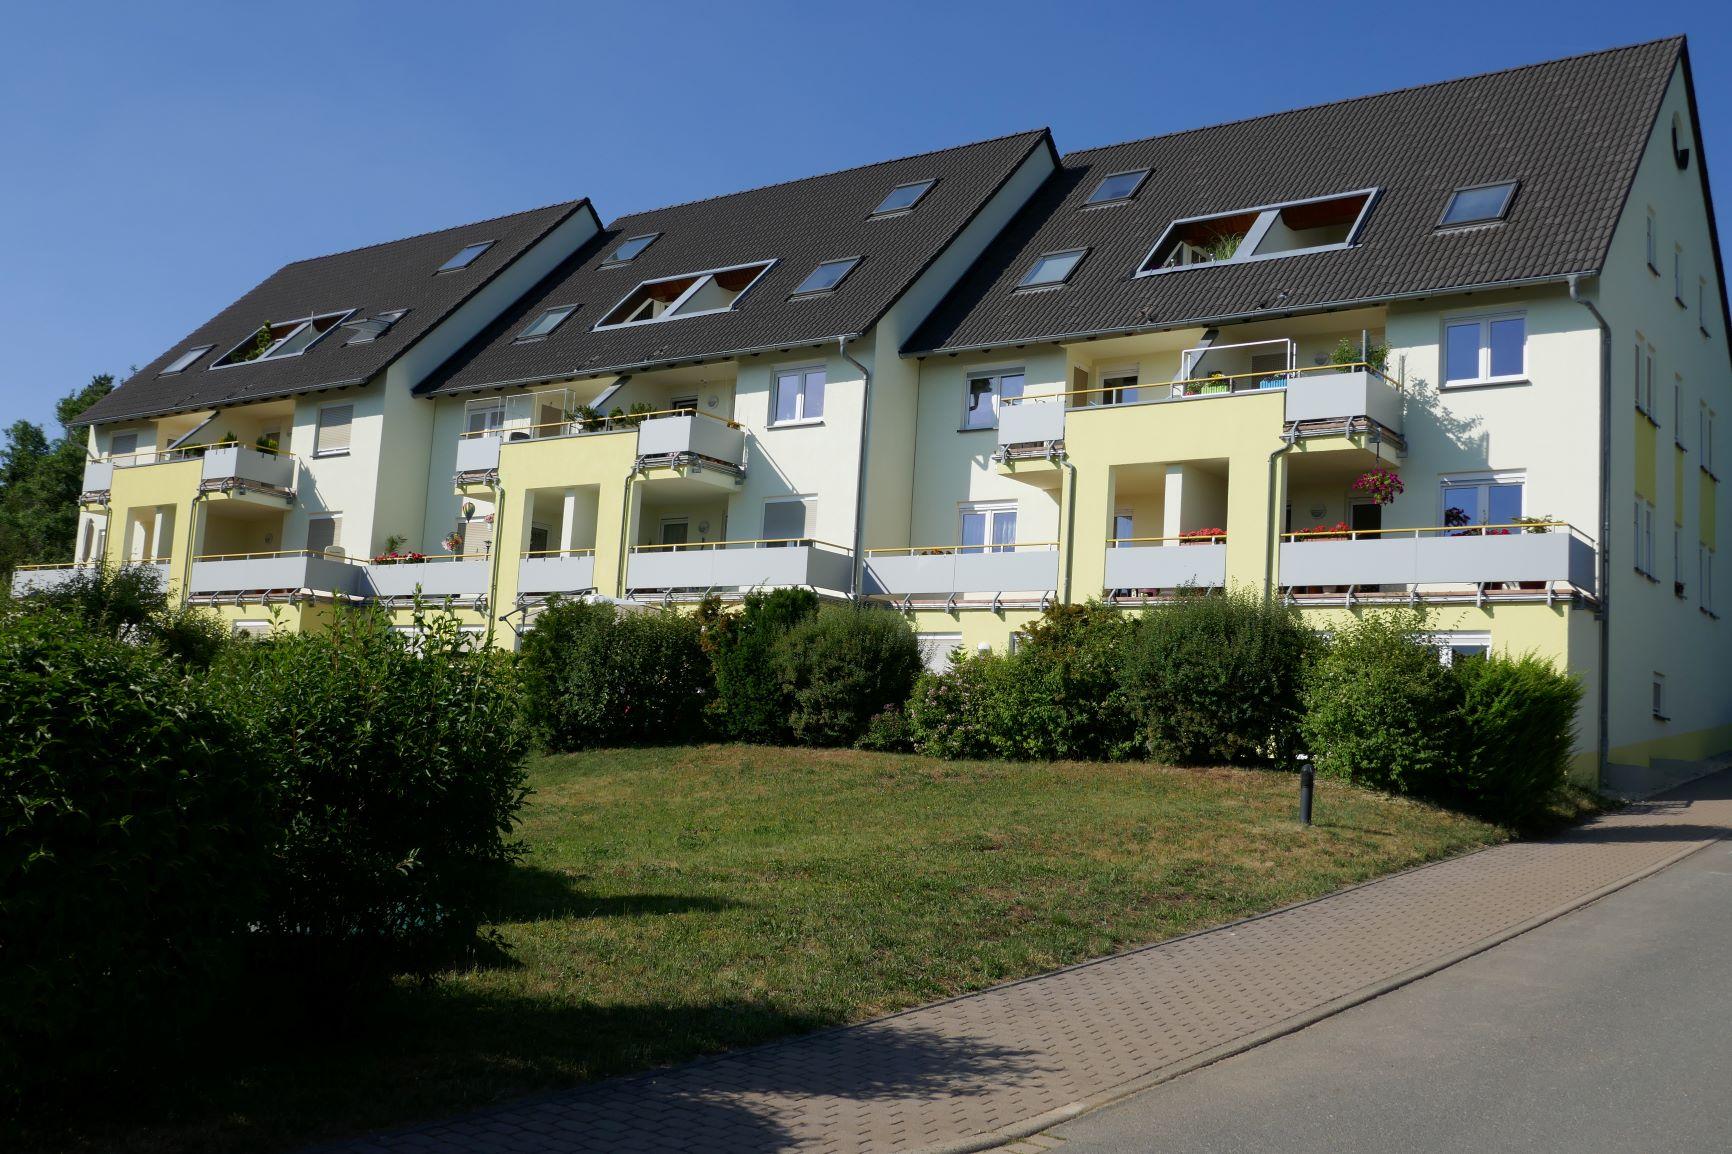 KLEE-HAUS BAUPARTNER GMBH setzt Qualitäts-Standard durch Permanent-Prüfung der Bauherren-Zufriedenheit